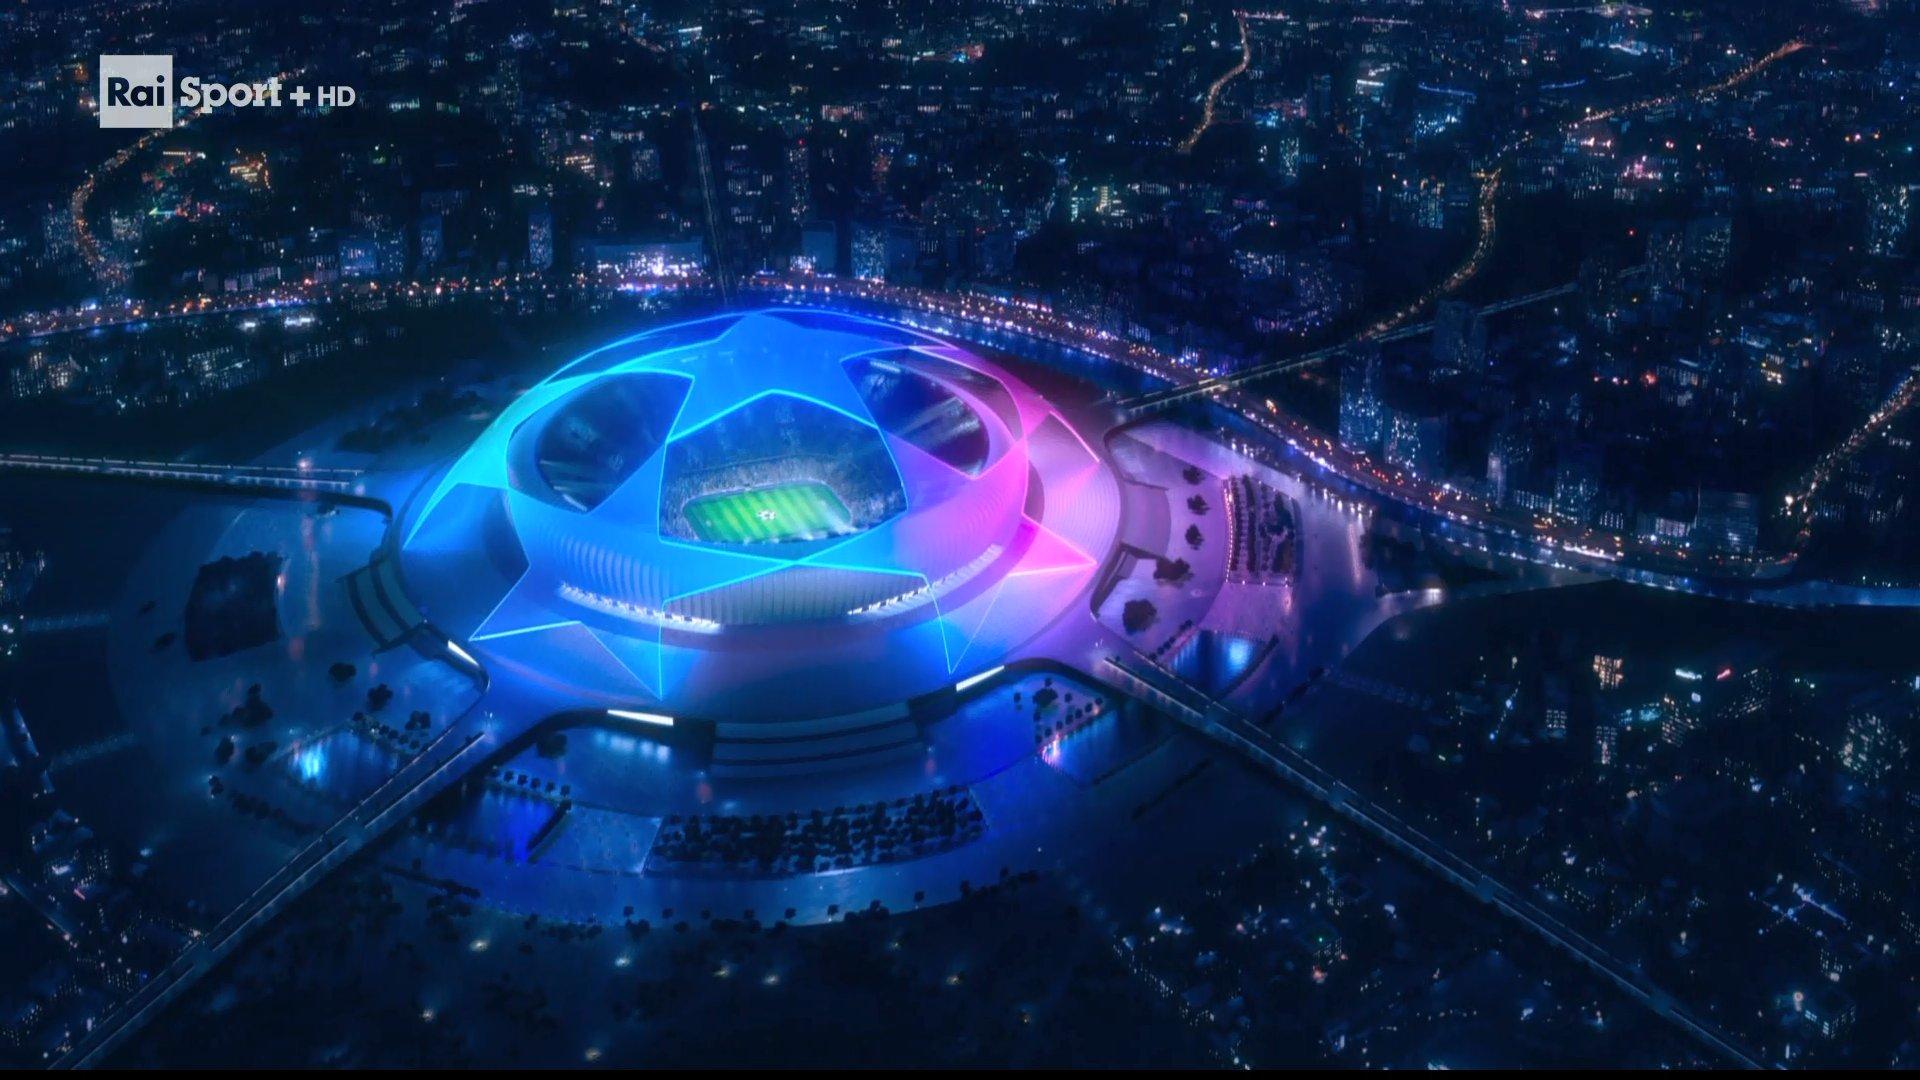 Rai, a giorni decisione tribunale su caso Sky - Champions League